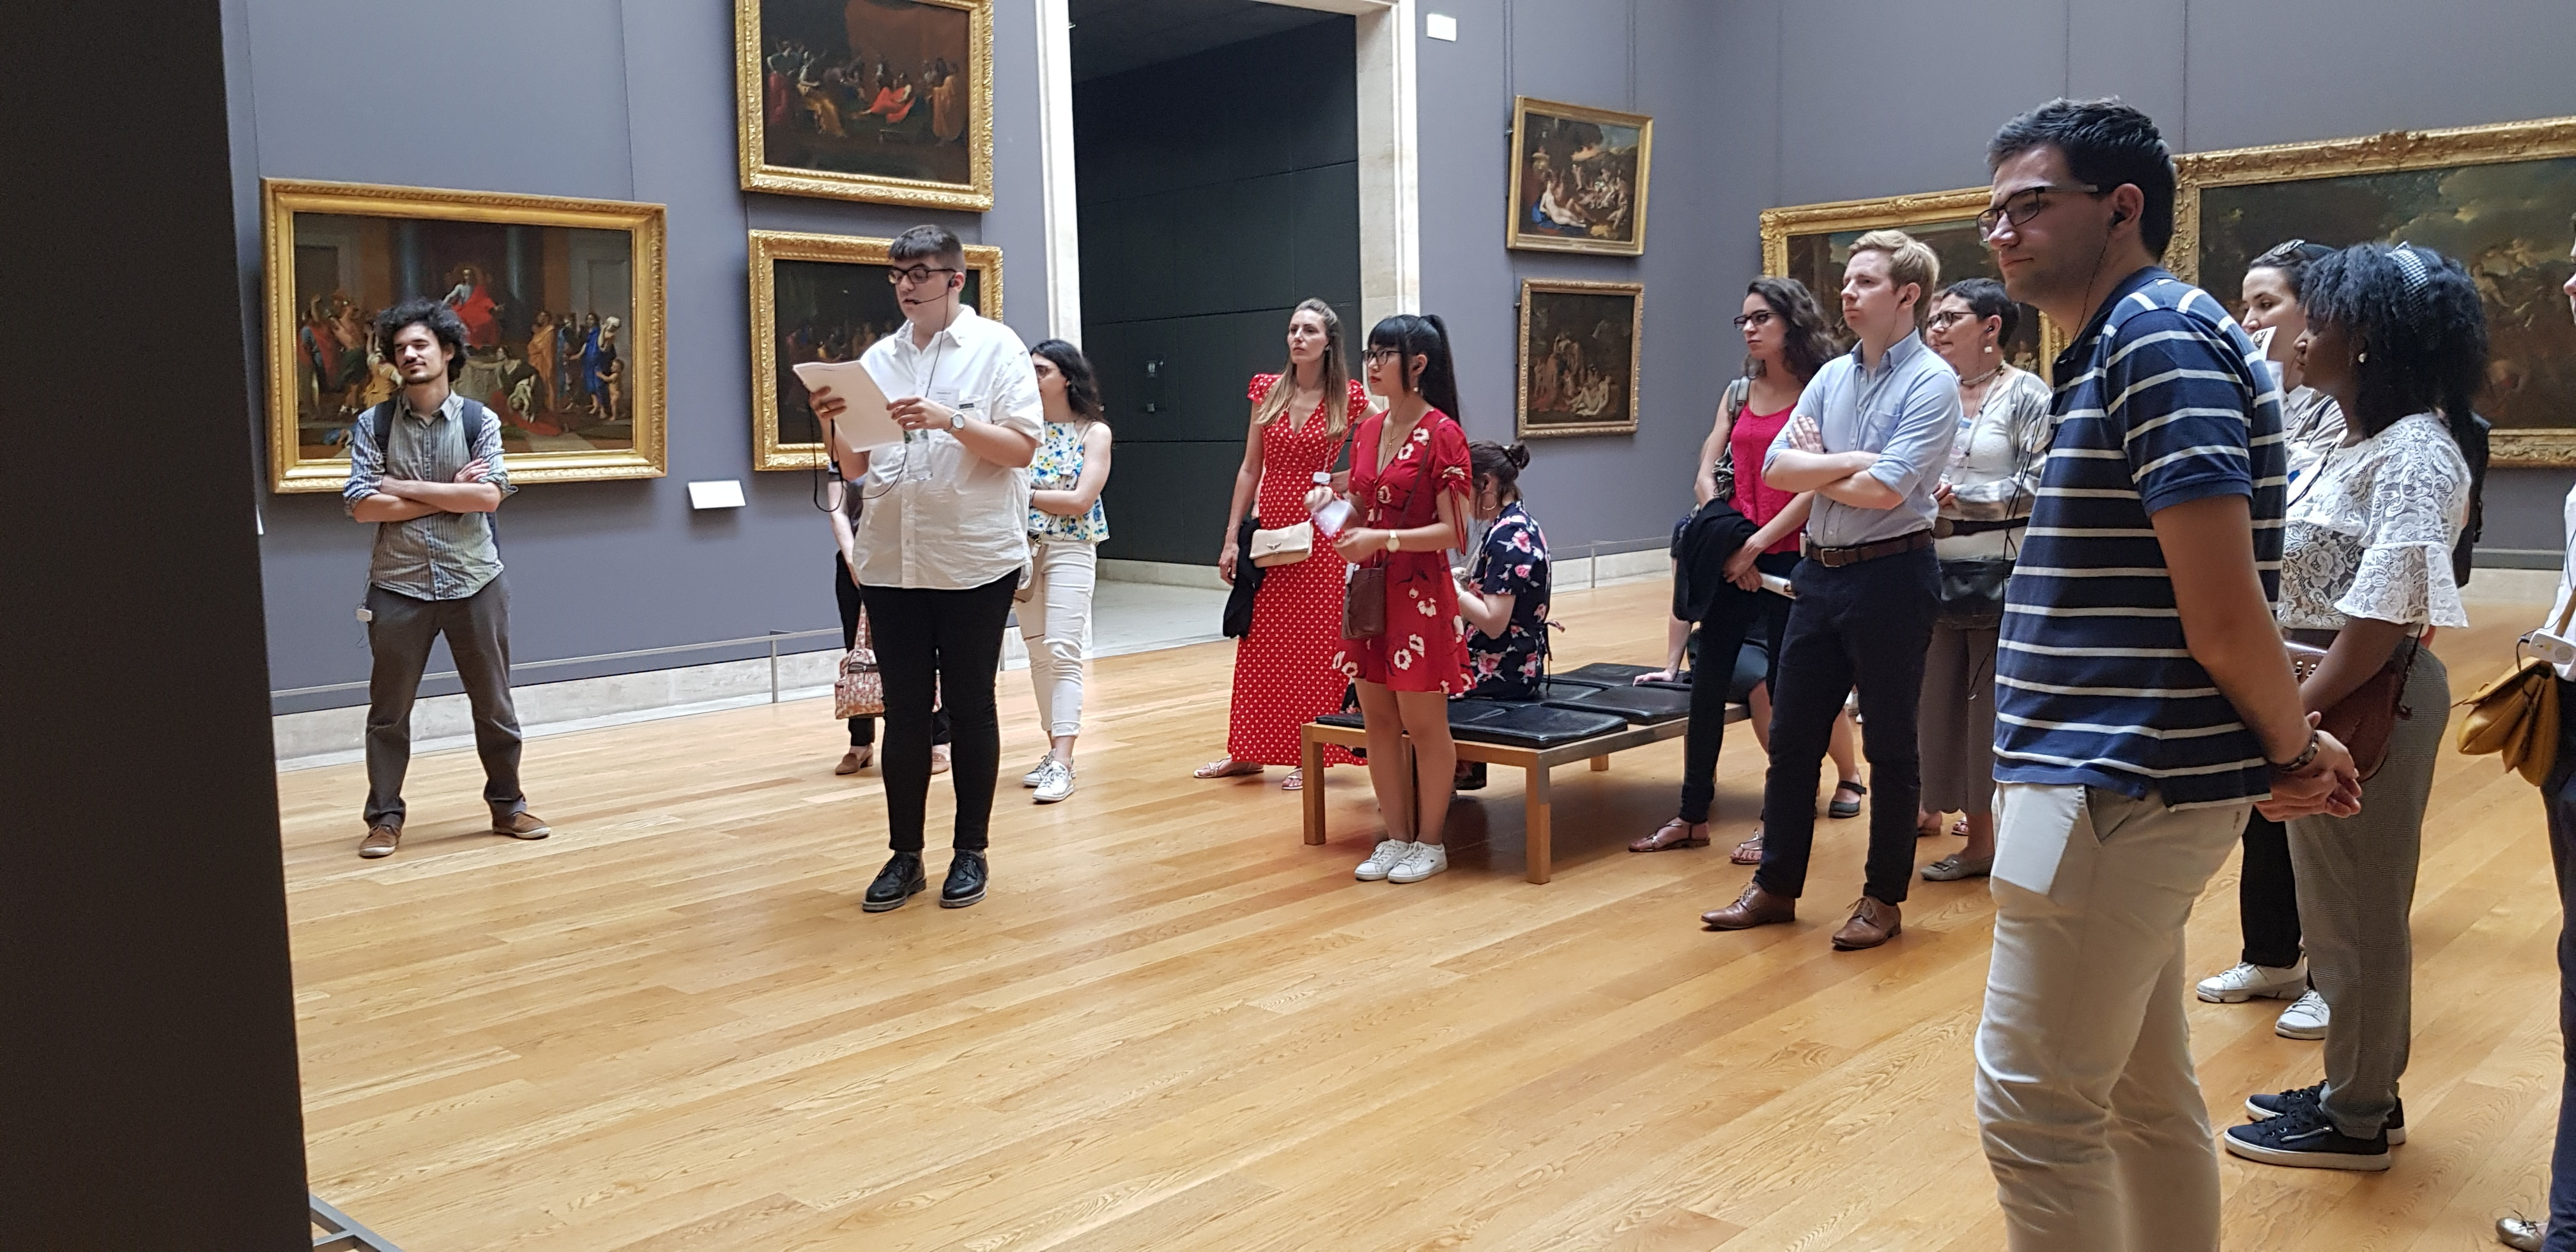 Musée du Louvre, 29 juin 2018, devant les tableaux de Claude Gellée (photo Sara Natij)